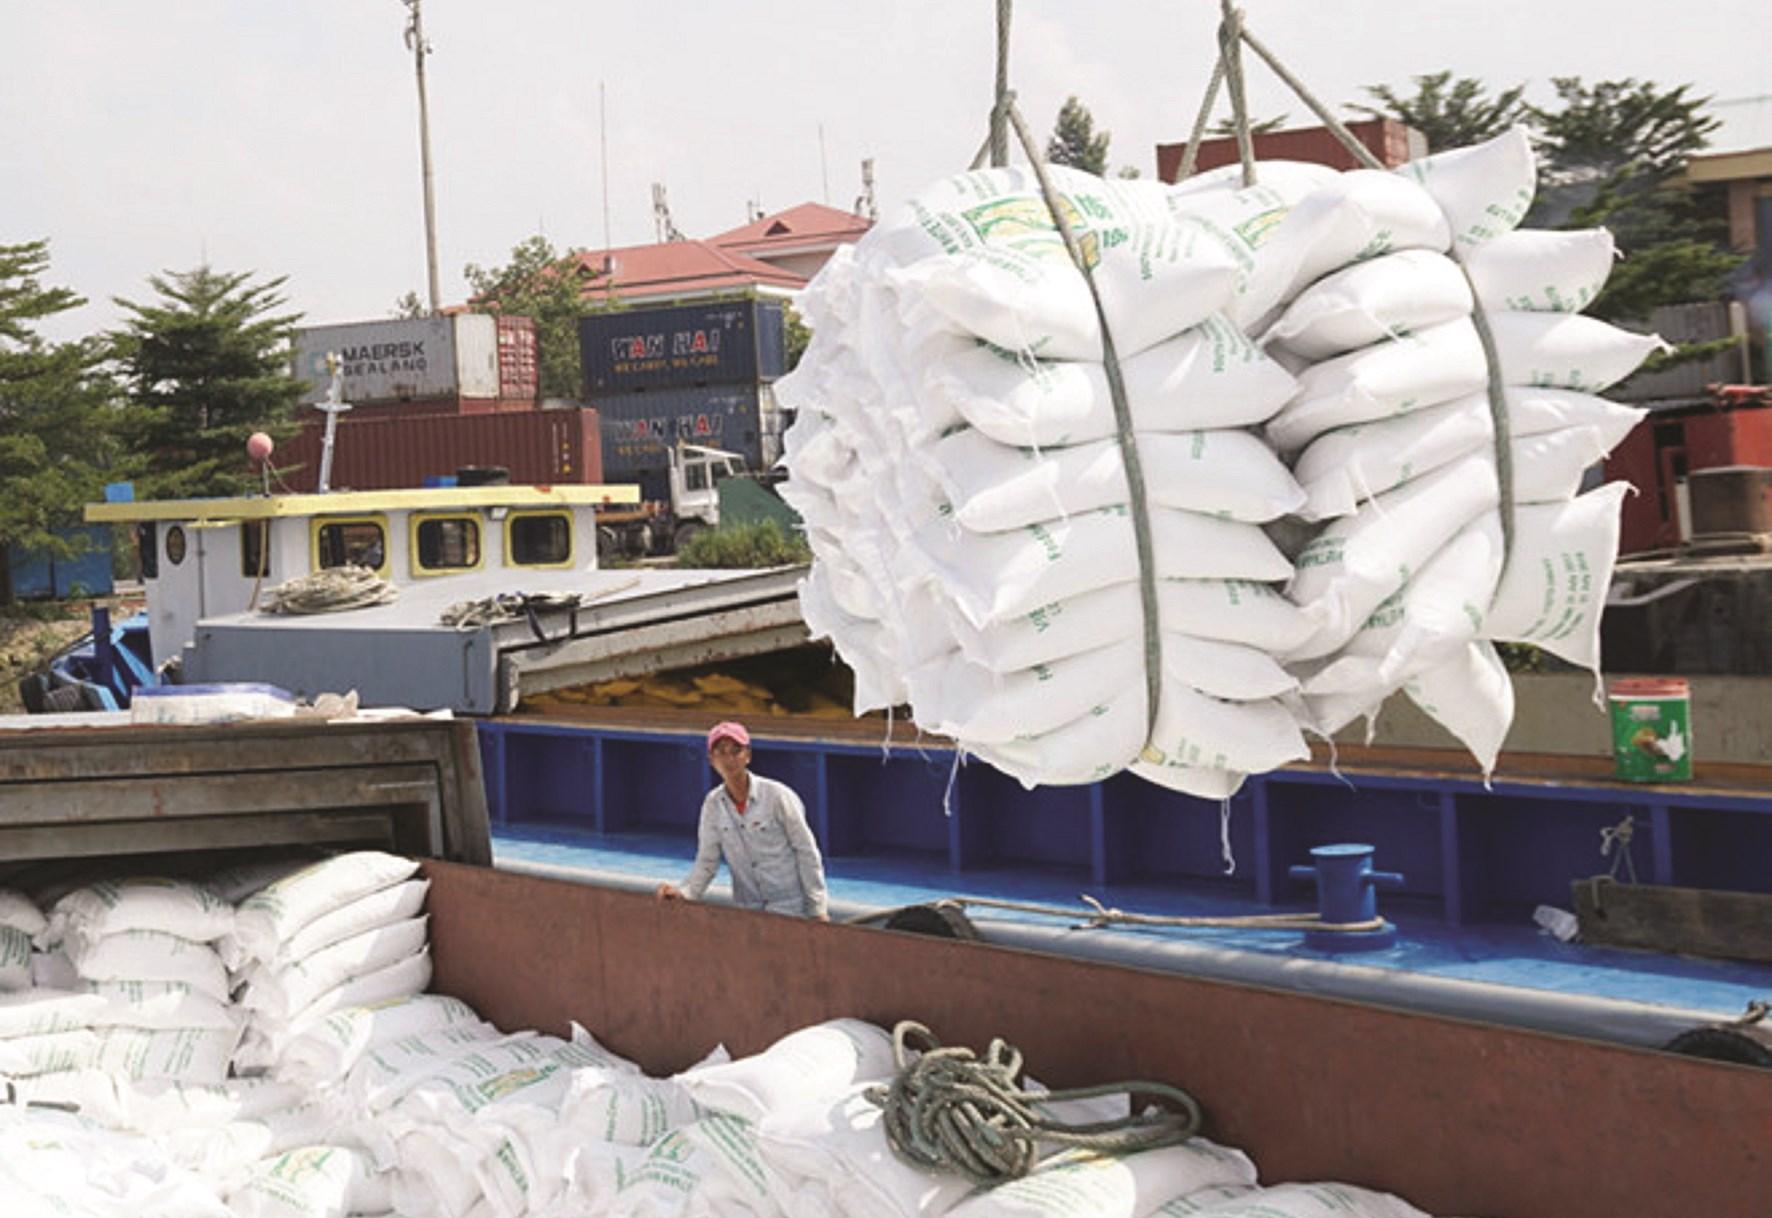 Tăng lượng gạo thơm xuất khẩu sang EU là cơ hội để khẳng định hạt gạo Việt